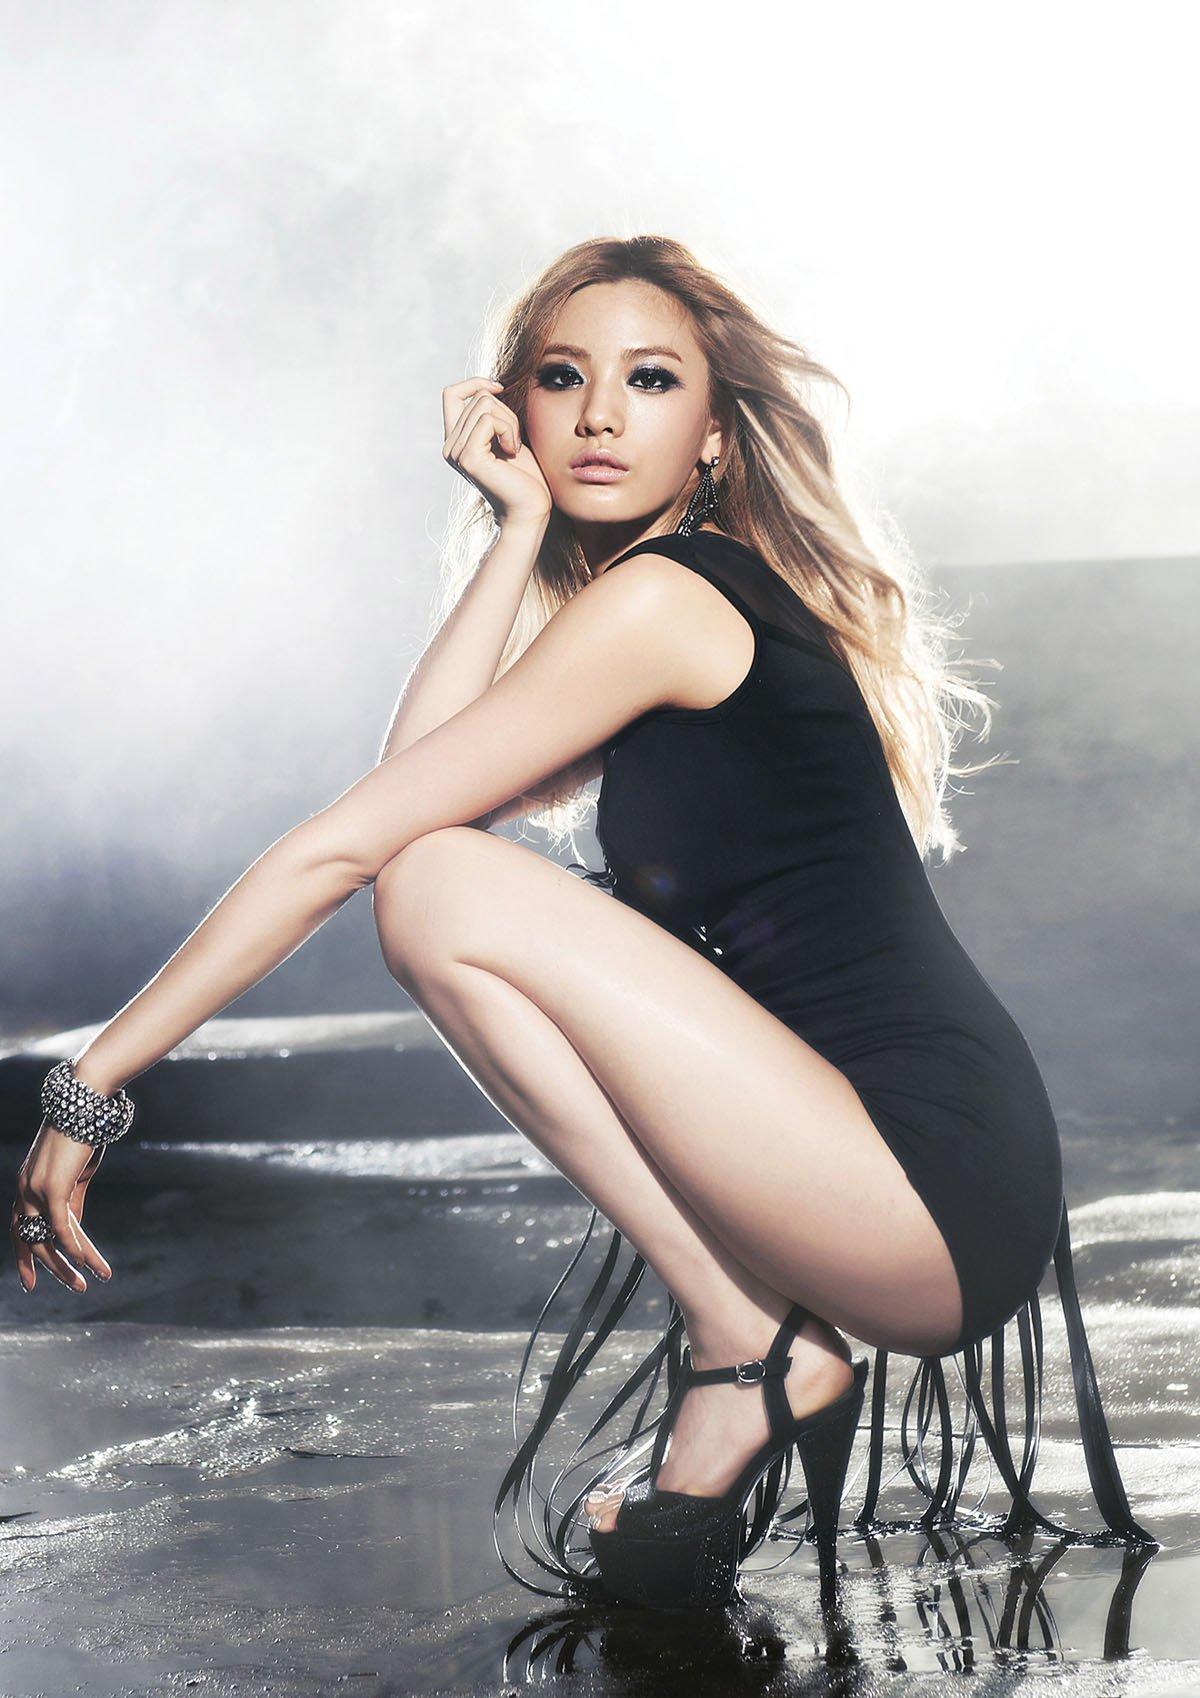 nana-sexy-black-high-heels